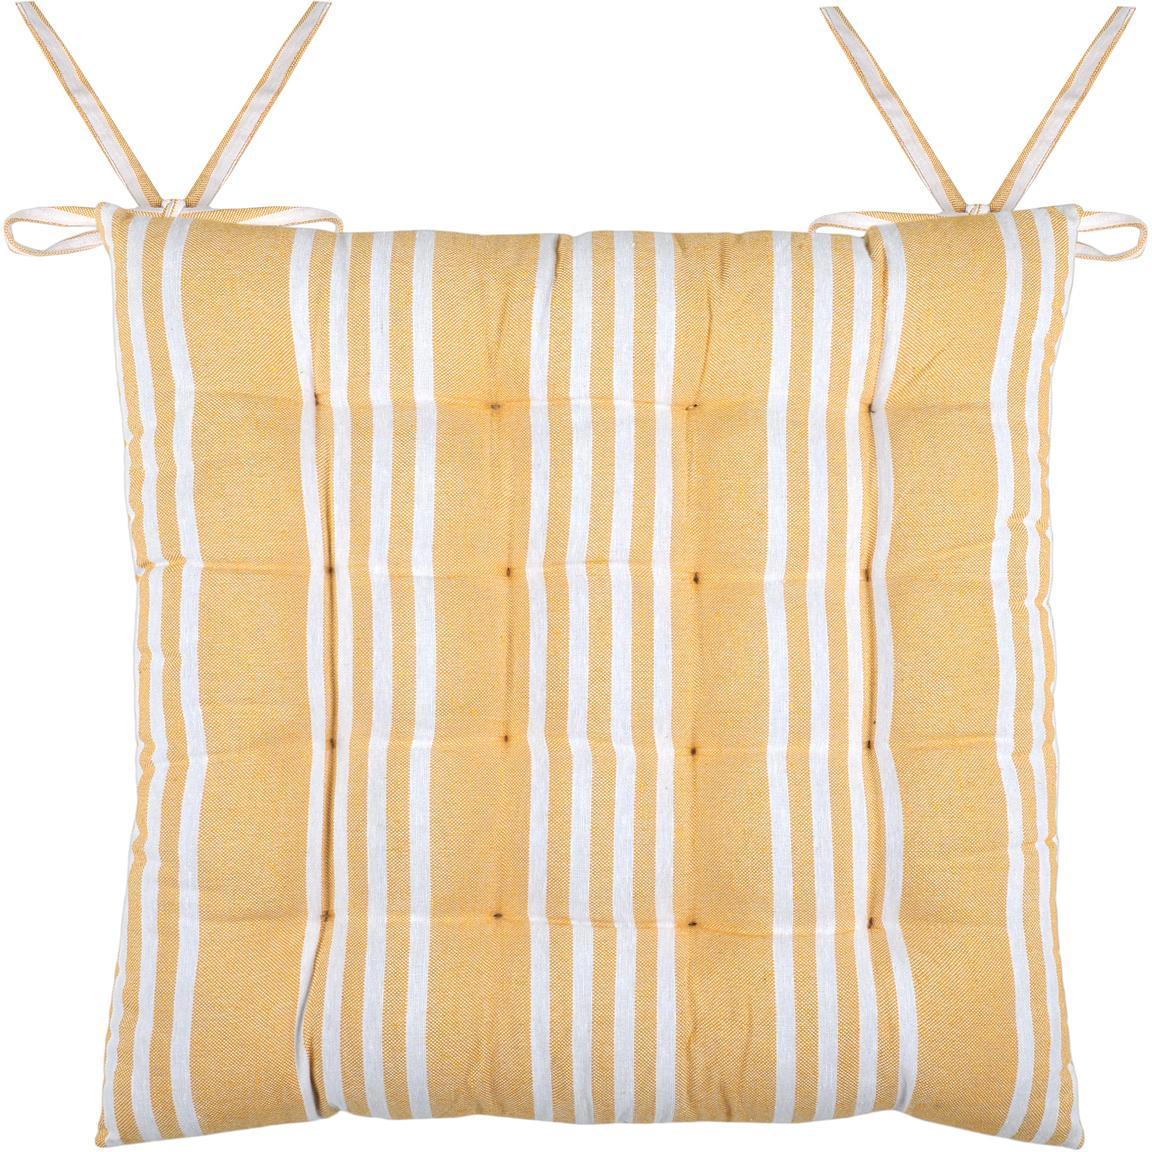 Cuscino sedia in giallo Mandelieu, Cotone misto, Giallo, bianco, Larg. 40 x Lung. 40 cm